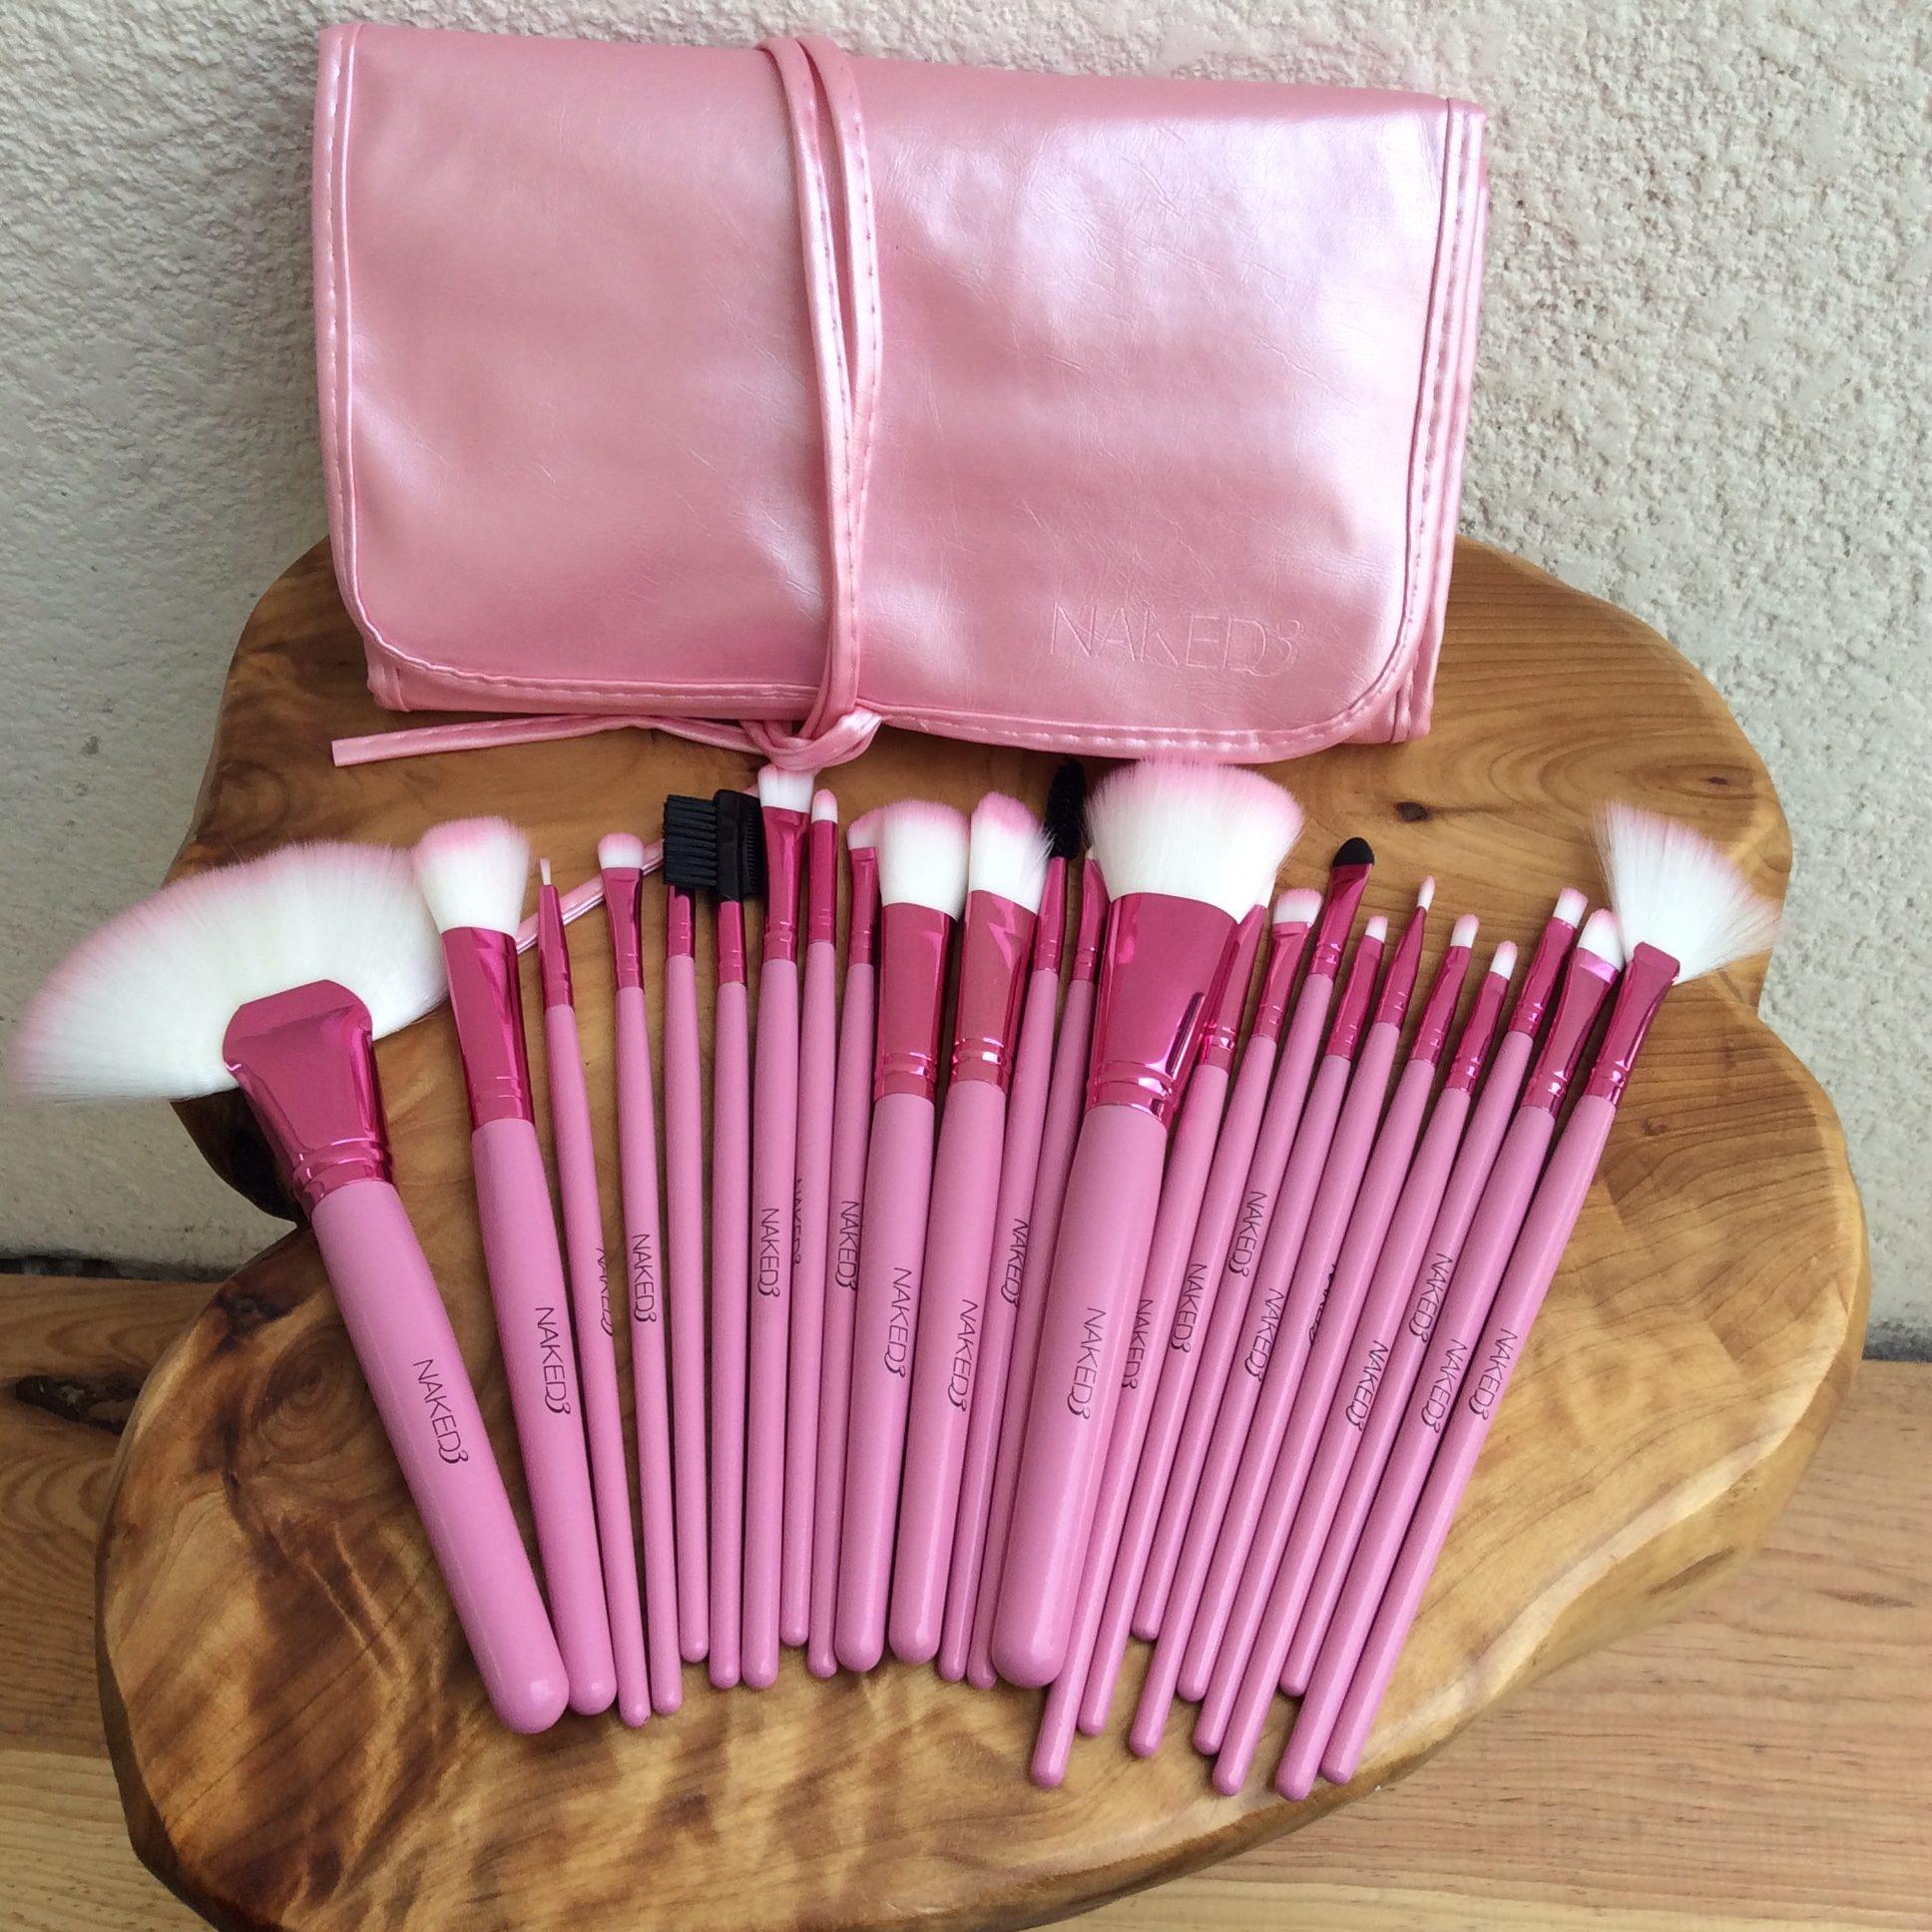 Brochas nude de 11 piezas - Lauret Boutique